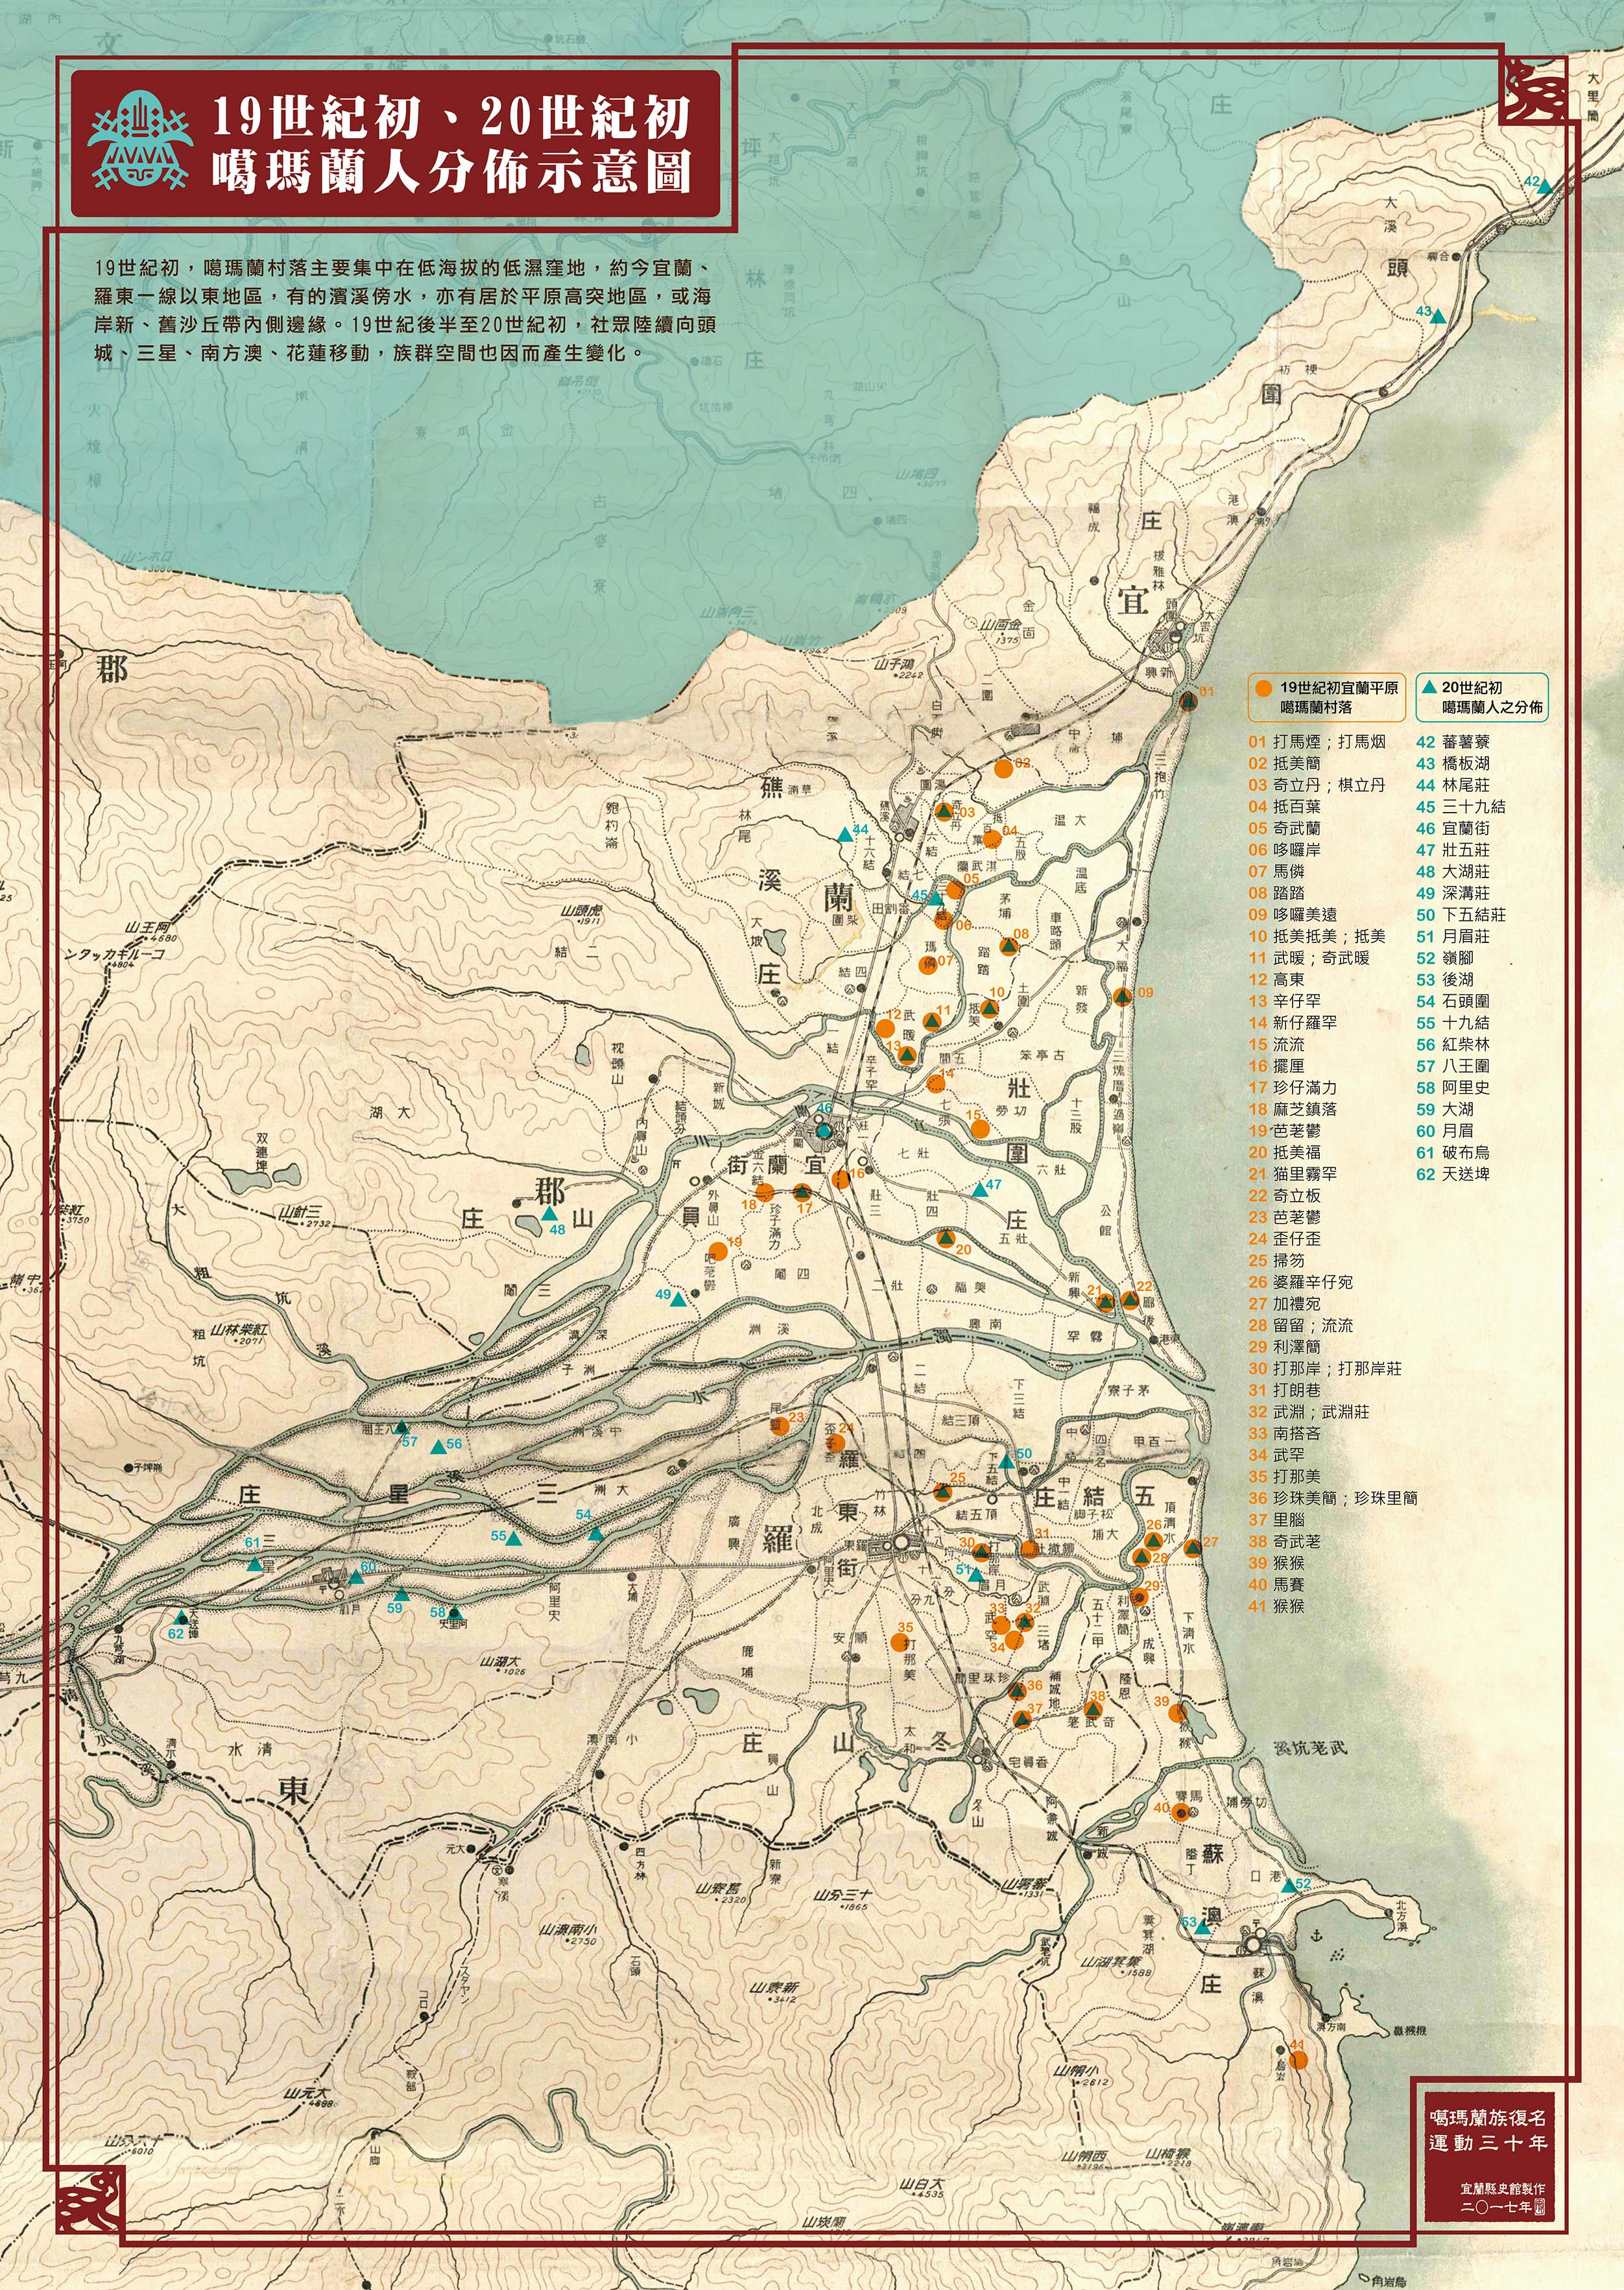 19世紀初、20世紀初噶瑪蘭人分佈示意圖